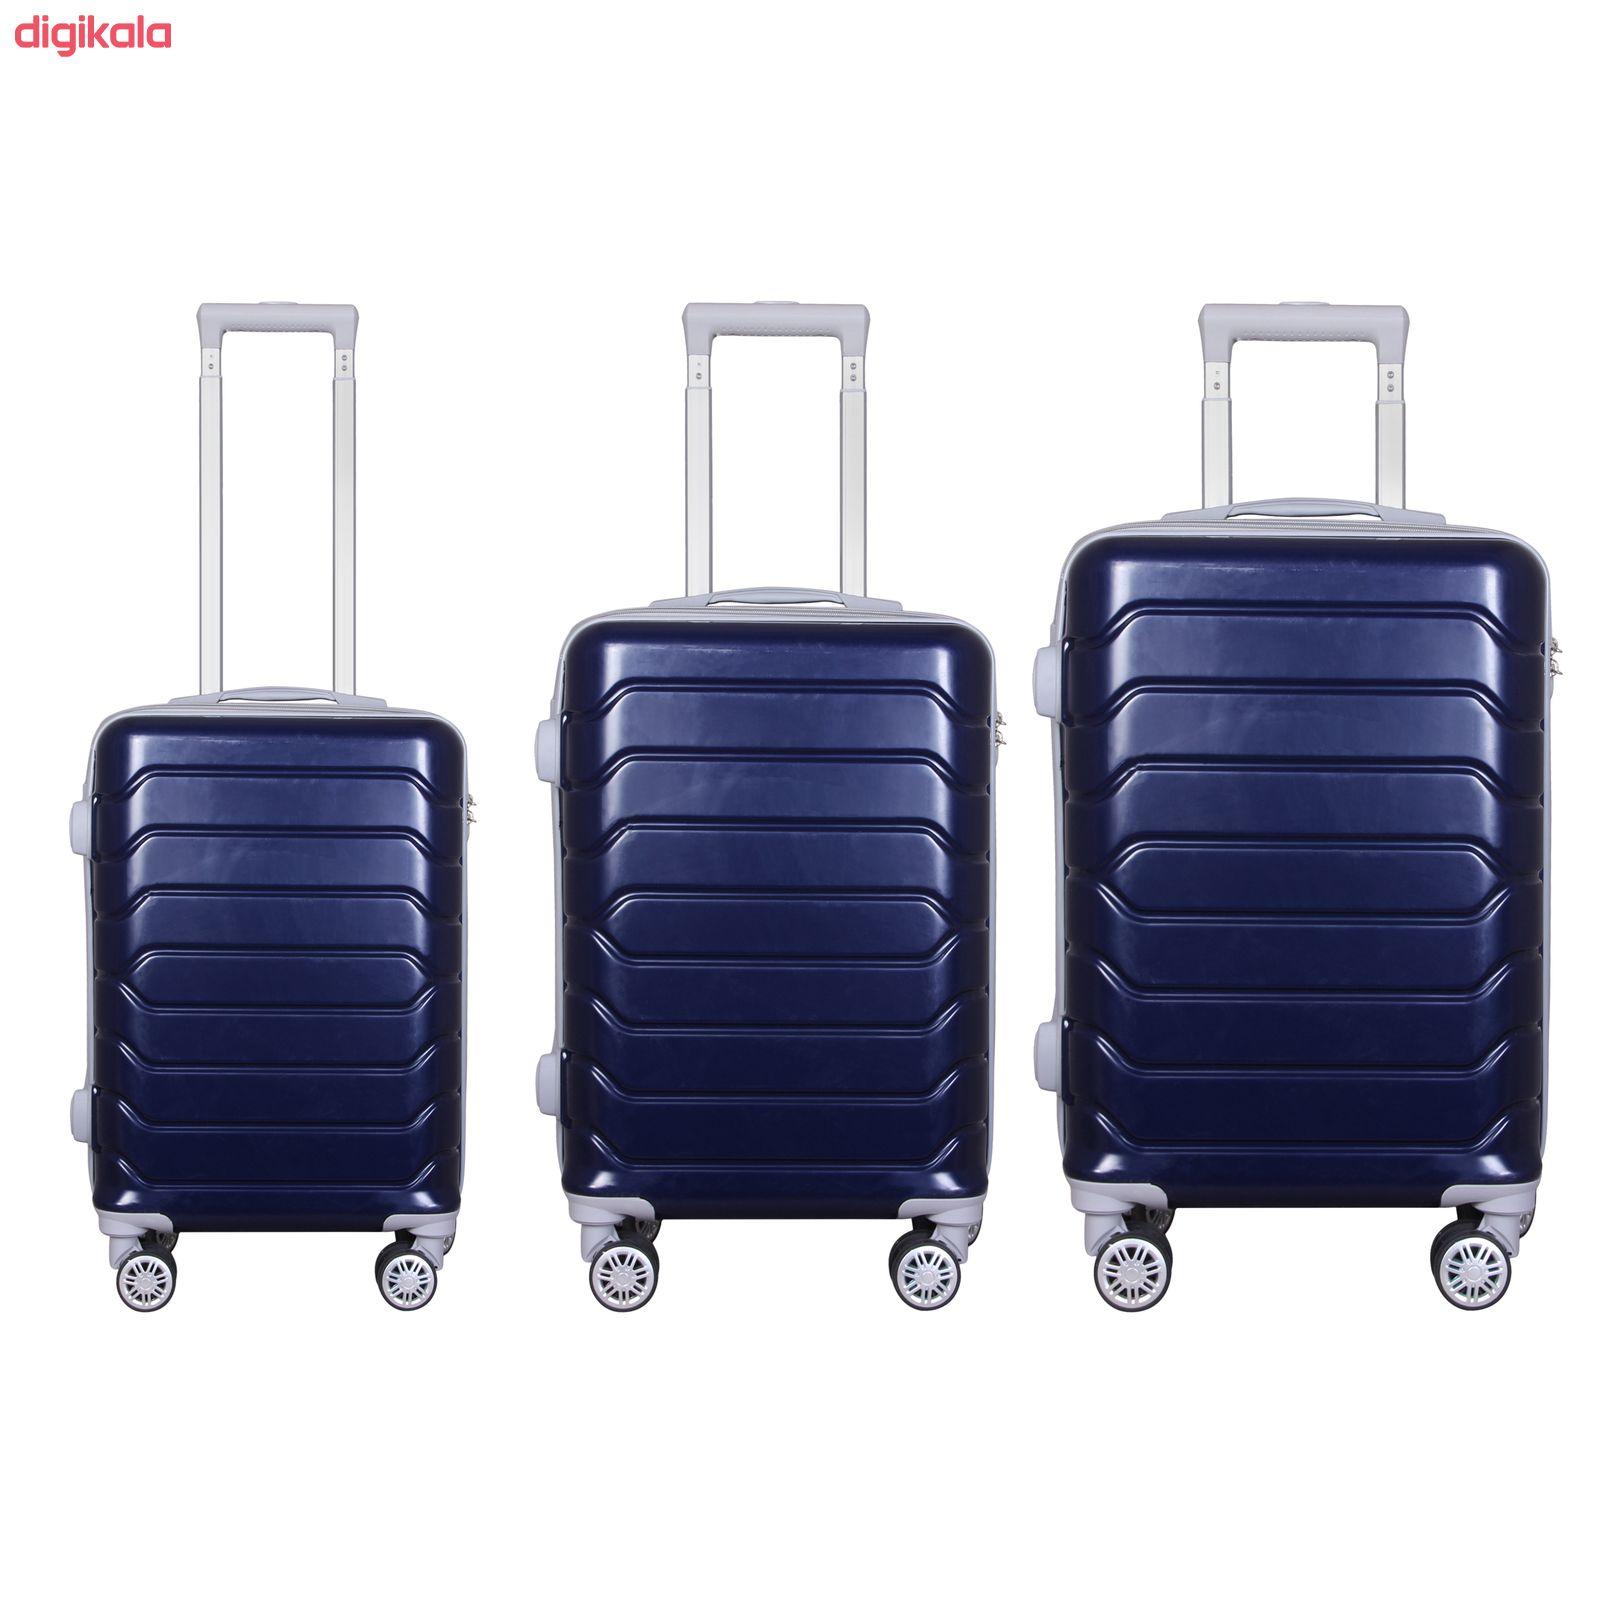 مجموعه سه عددی چمدان مدل 20020 main 1 2